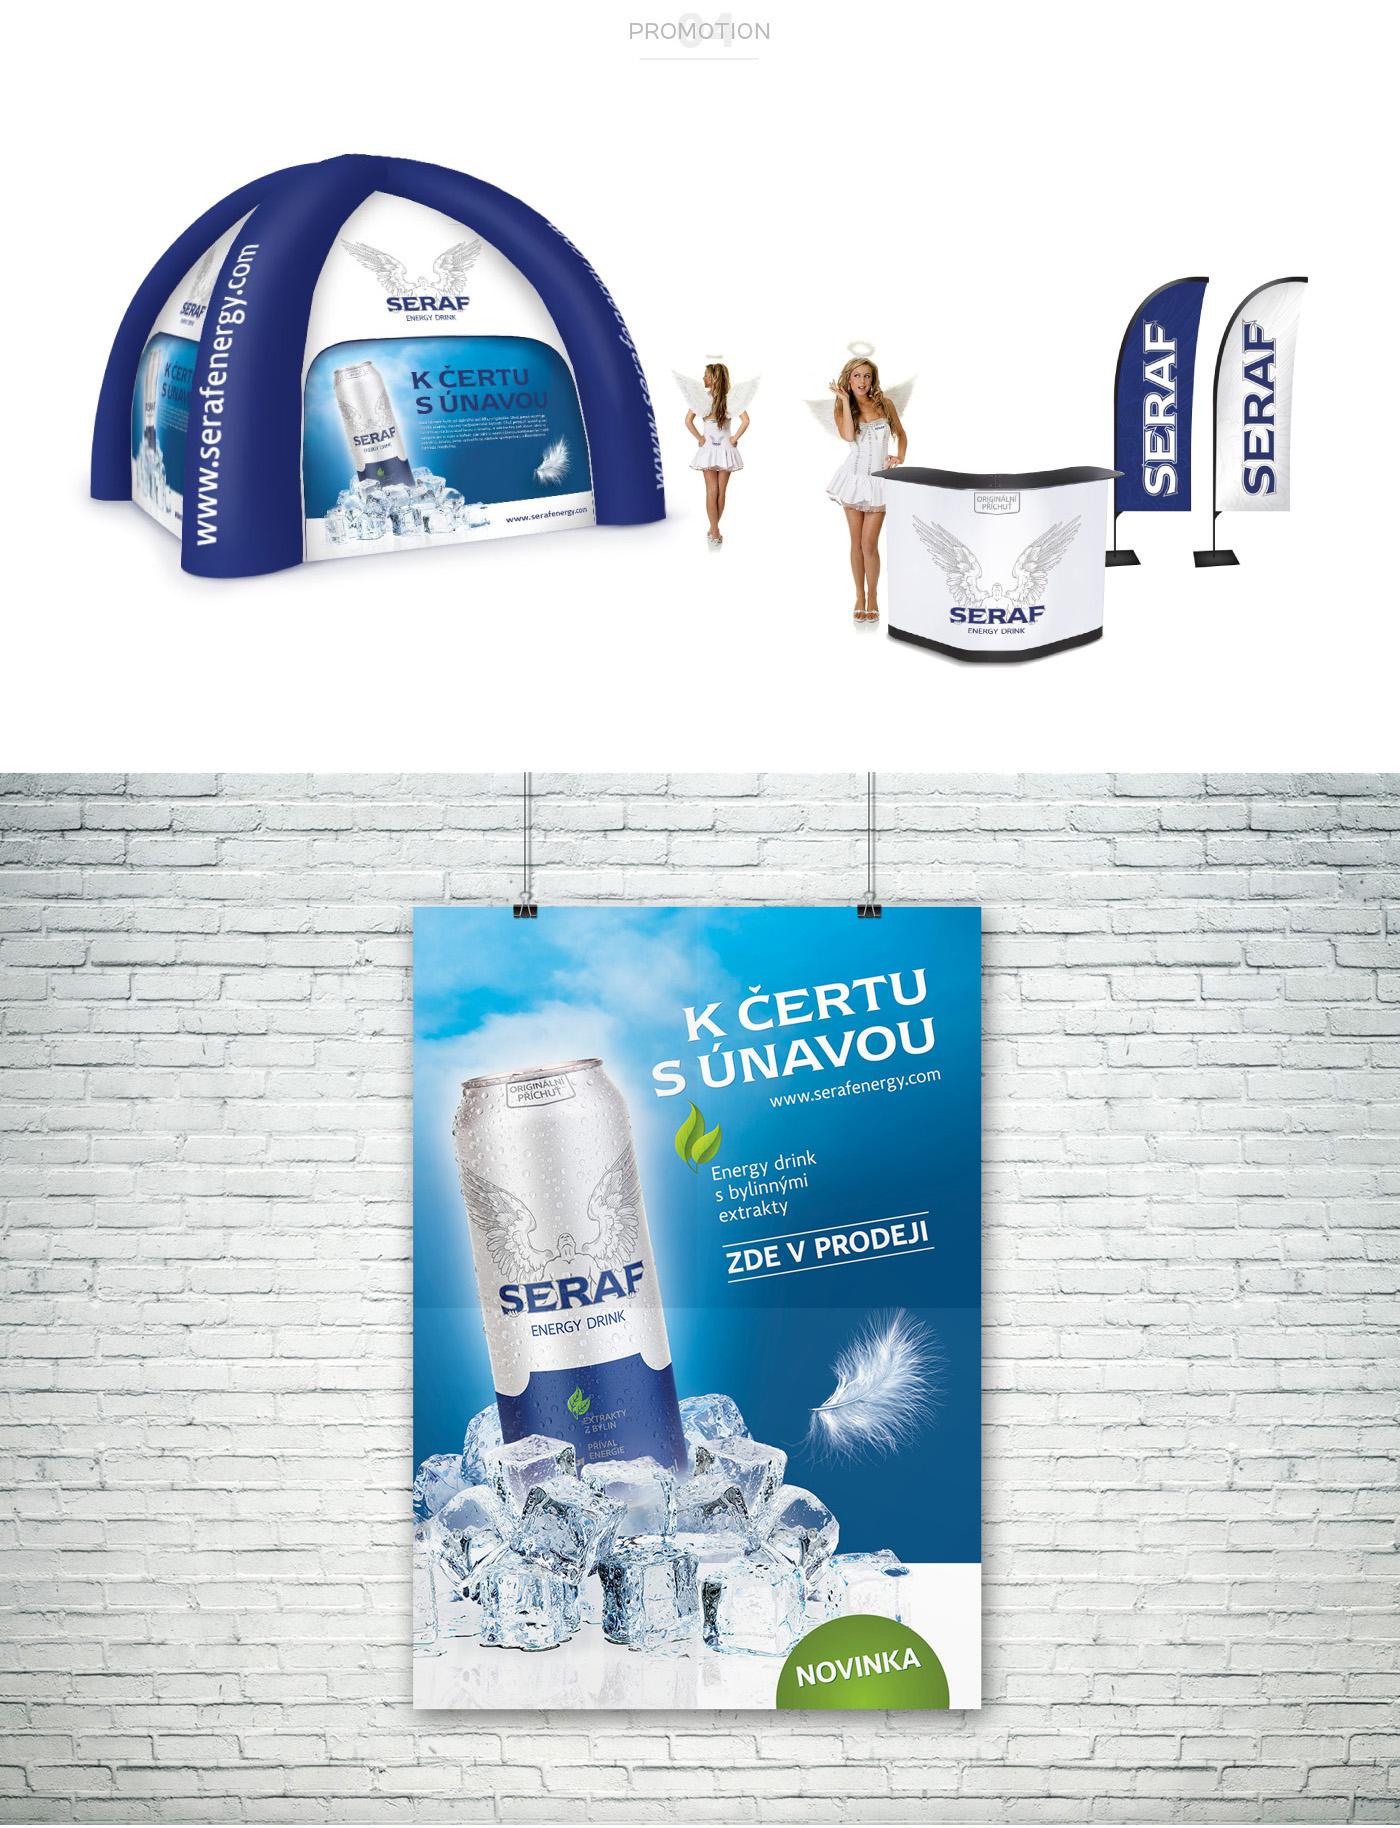 seraf energy drink can package extraordinary drink angel wings